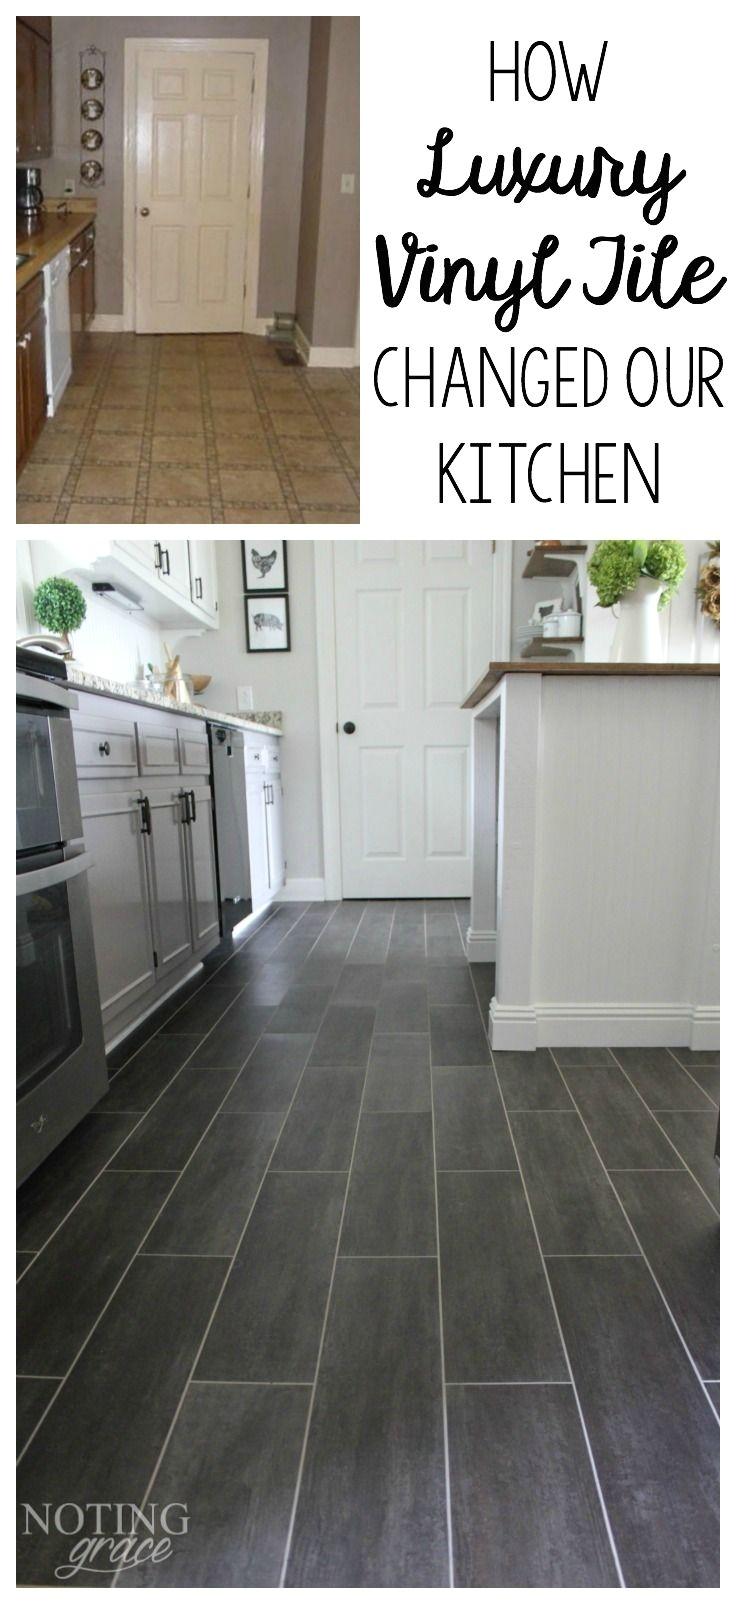 Best Flooring for Mobile Homes Diy Kitchen Flooring Pinterest Luxury Vinyl Tile Vinyl Tiles